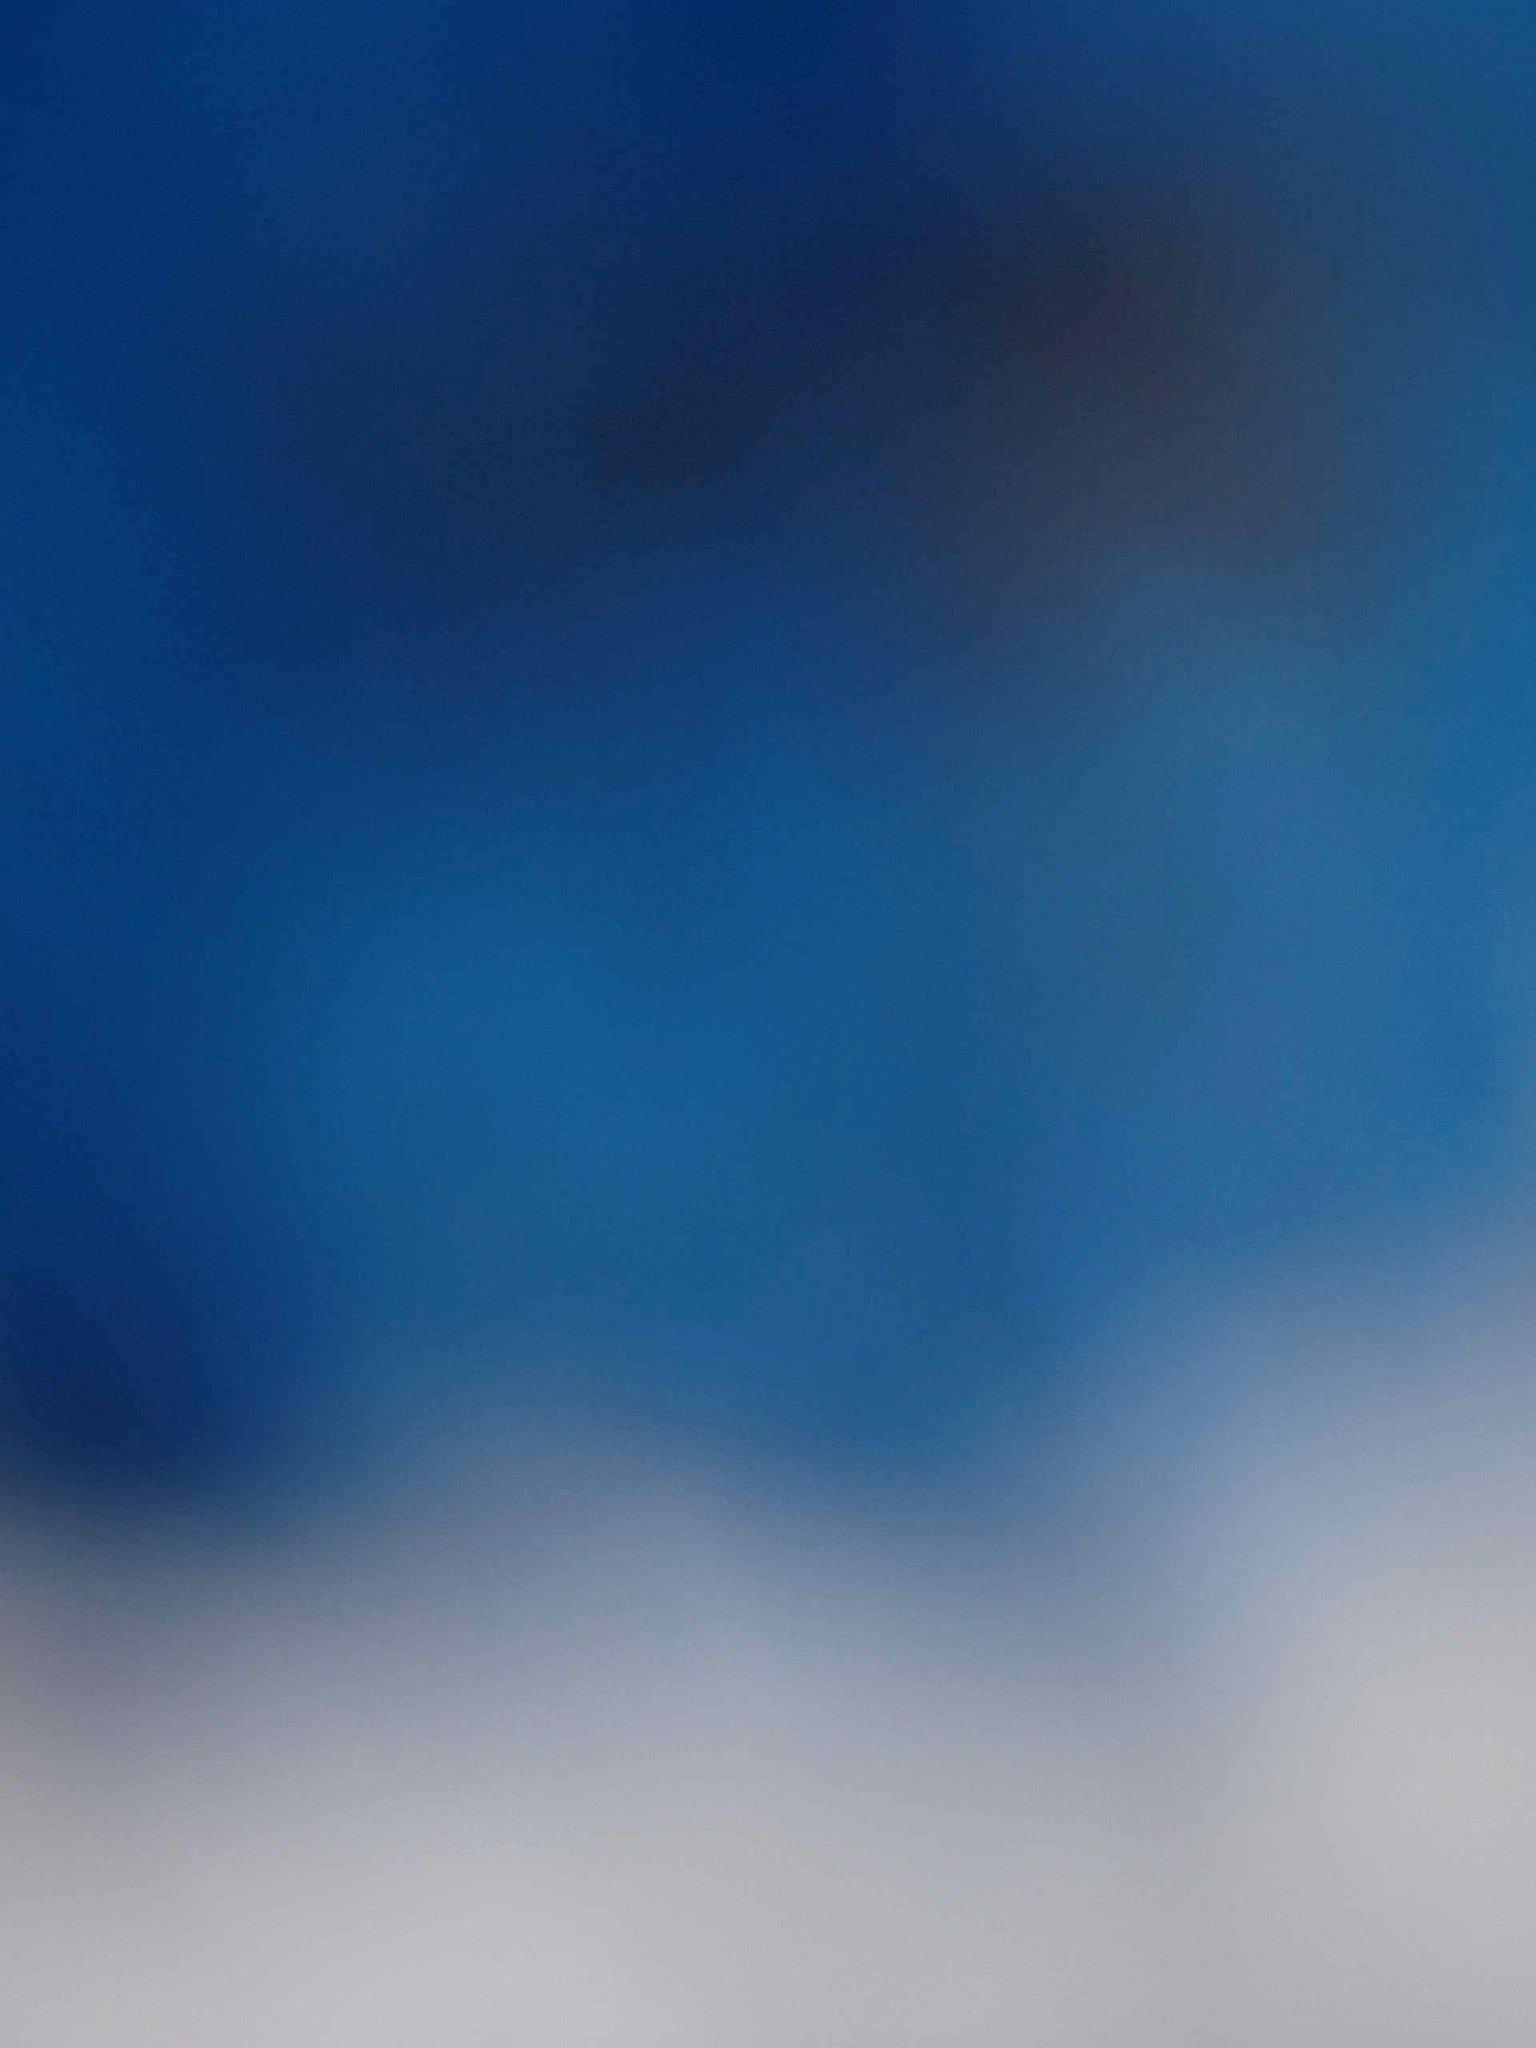 Gomera blau in Agulo - 2006 - 120 x 90 cm